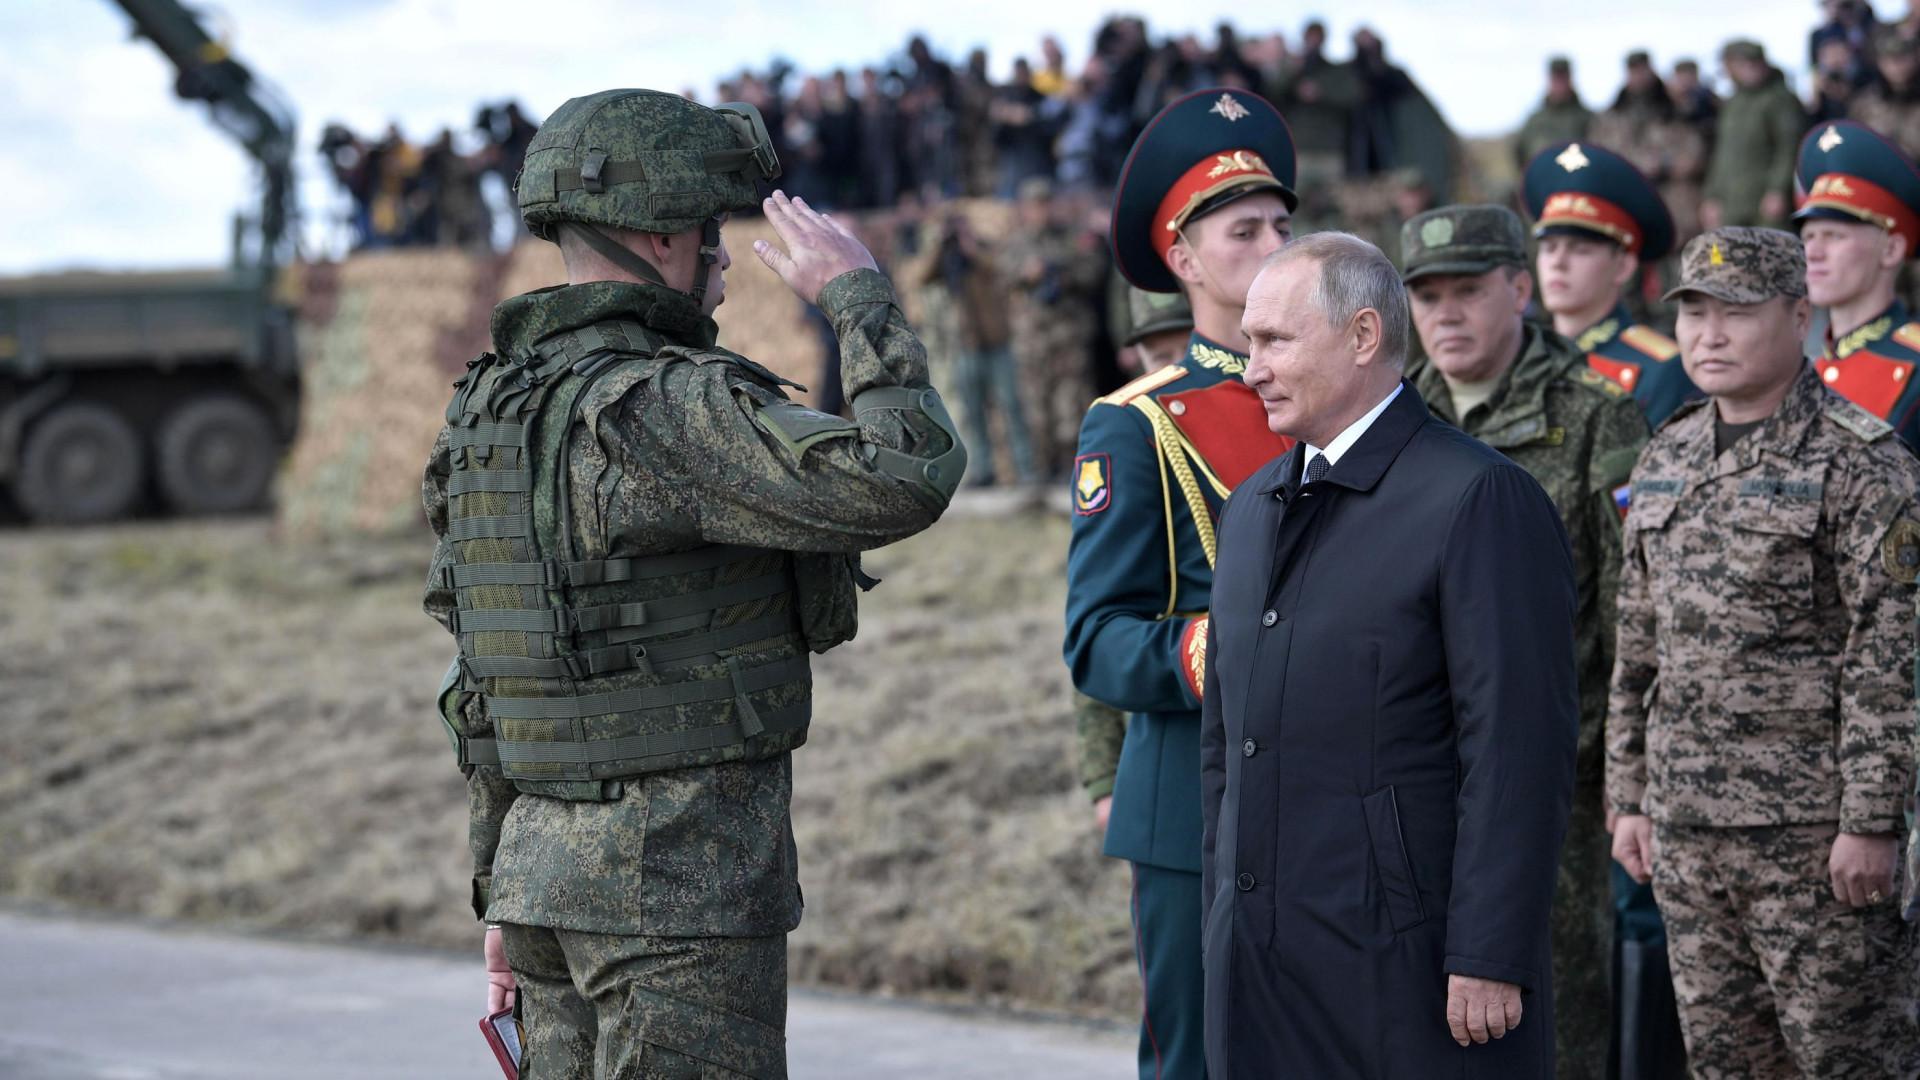 """Putin assiste a manobras militares e diz que """"ama a paz"""""""